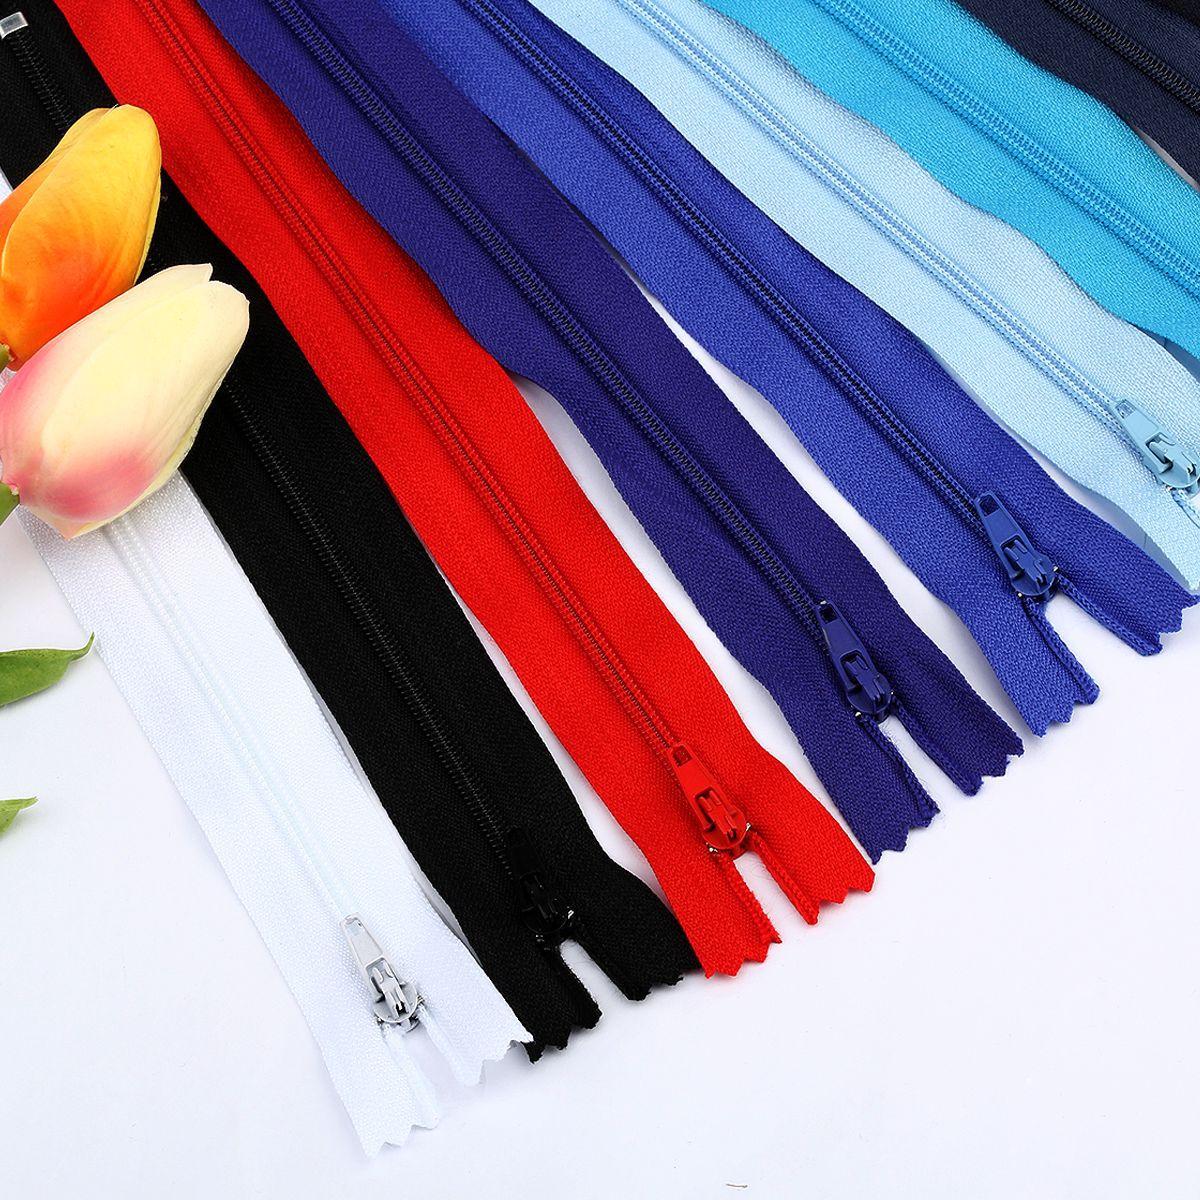 DILI Thị trường phụ kiện Quần hành lý tại chỗ dây kéo nylon 20 cm 20 cm 40 loại số lớn 3 dây kéo đón